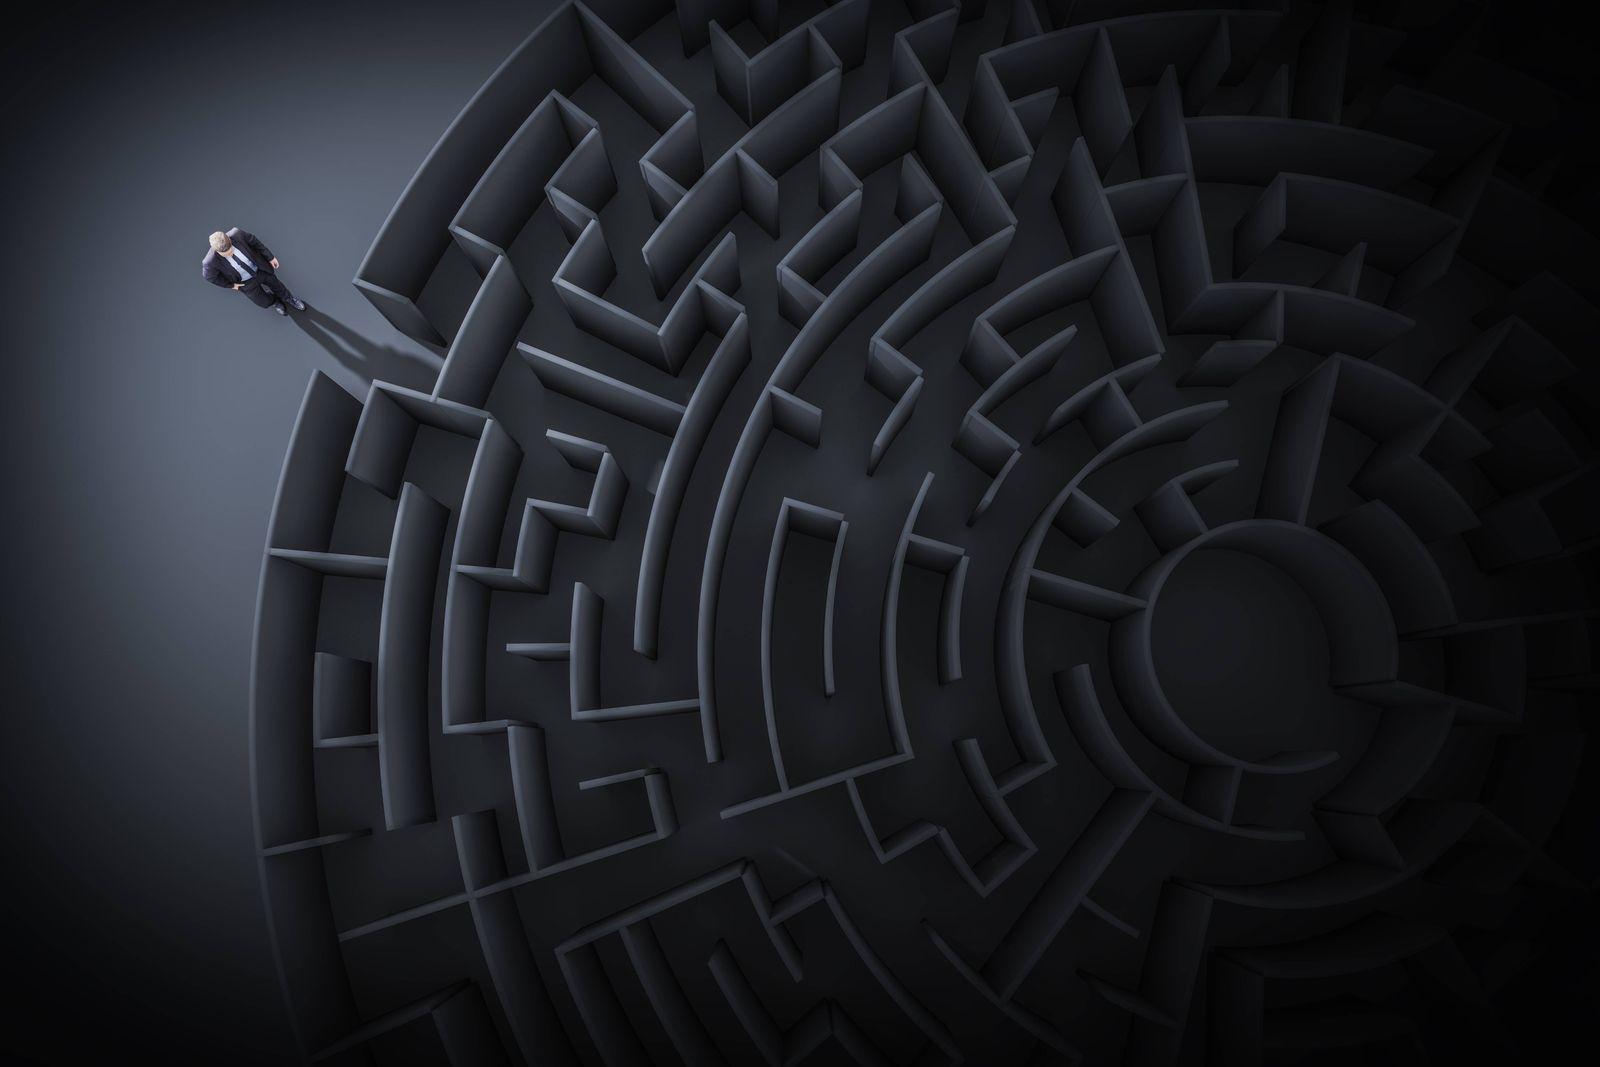 3D Computergrafik Geschaeftsmann steht am Eingang zu einem Labyrinth vor schwarzem Hintergrund 3D c